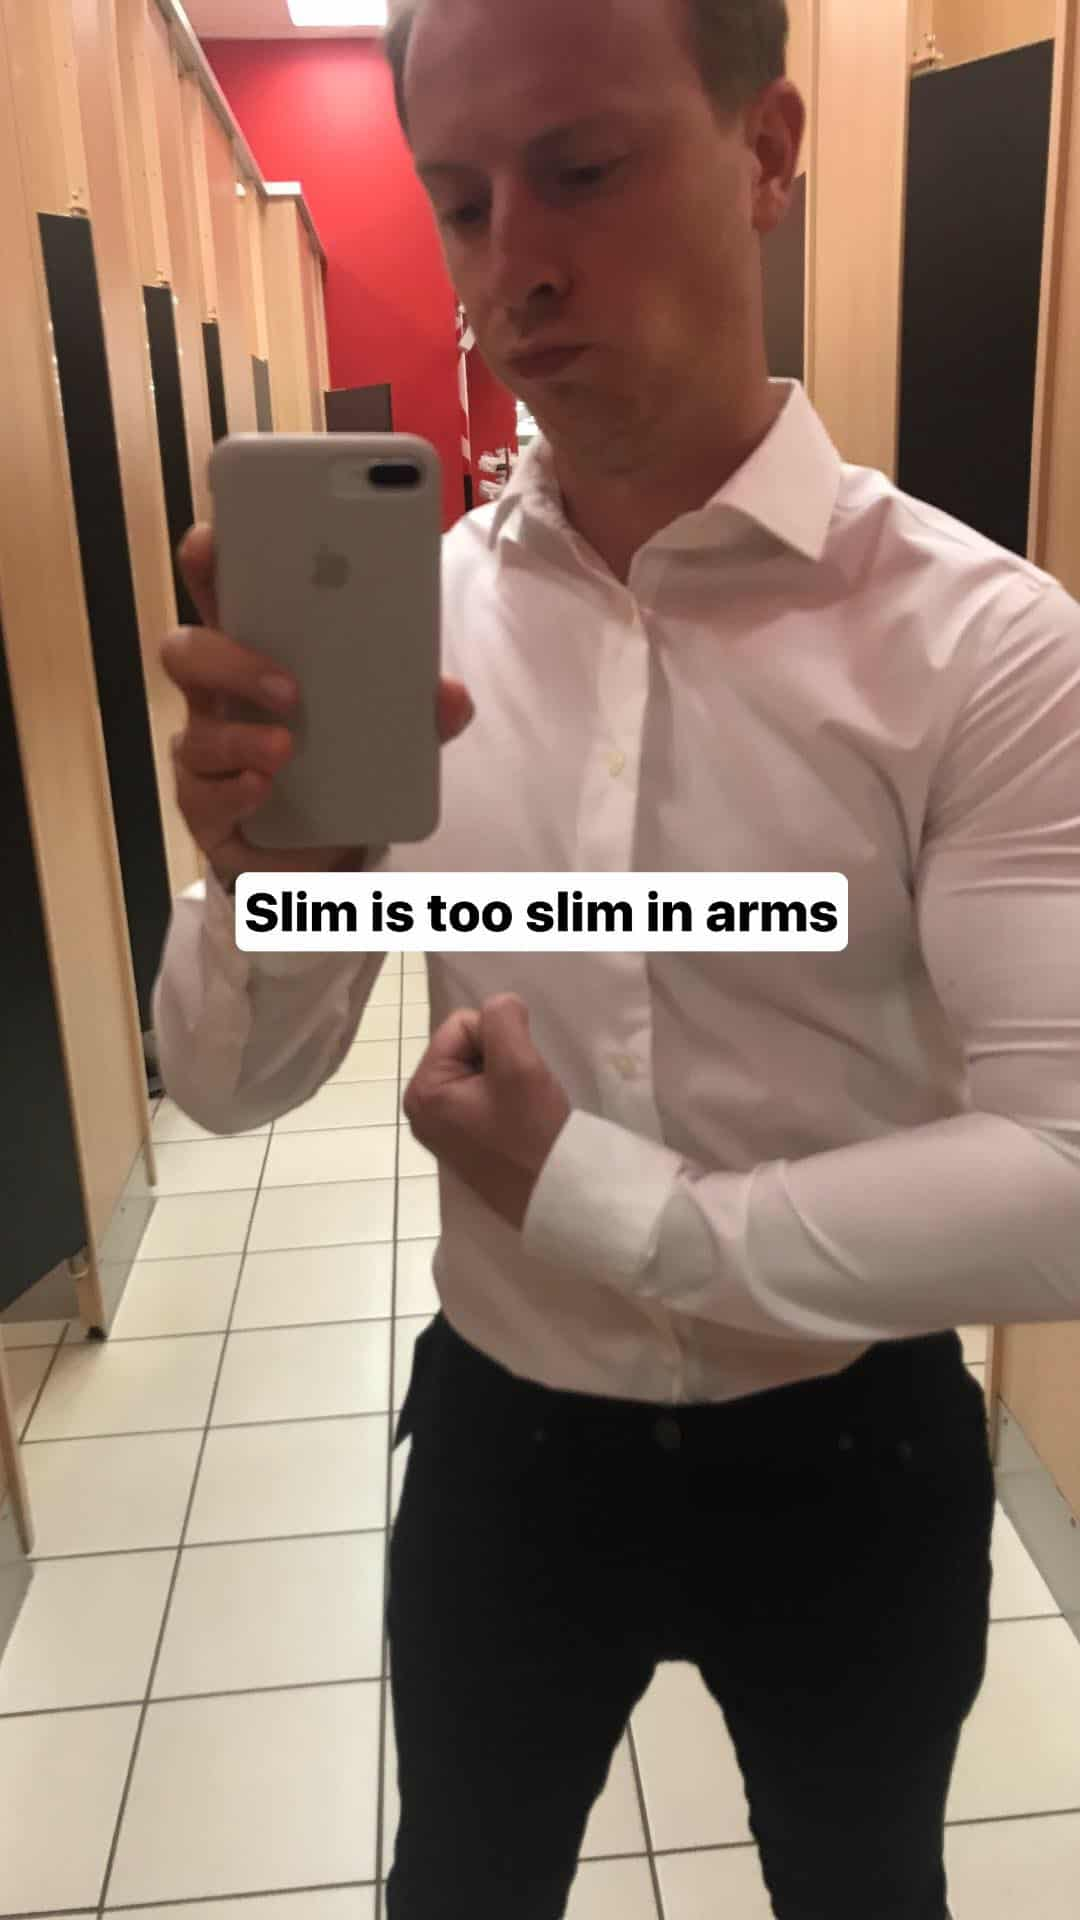 Man wearing tight white shirt